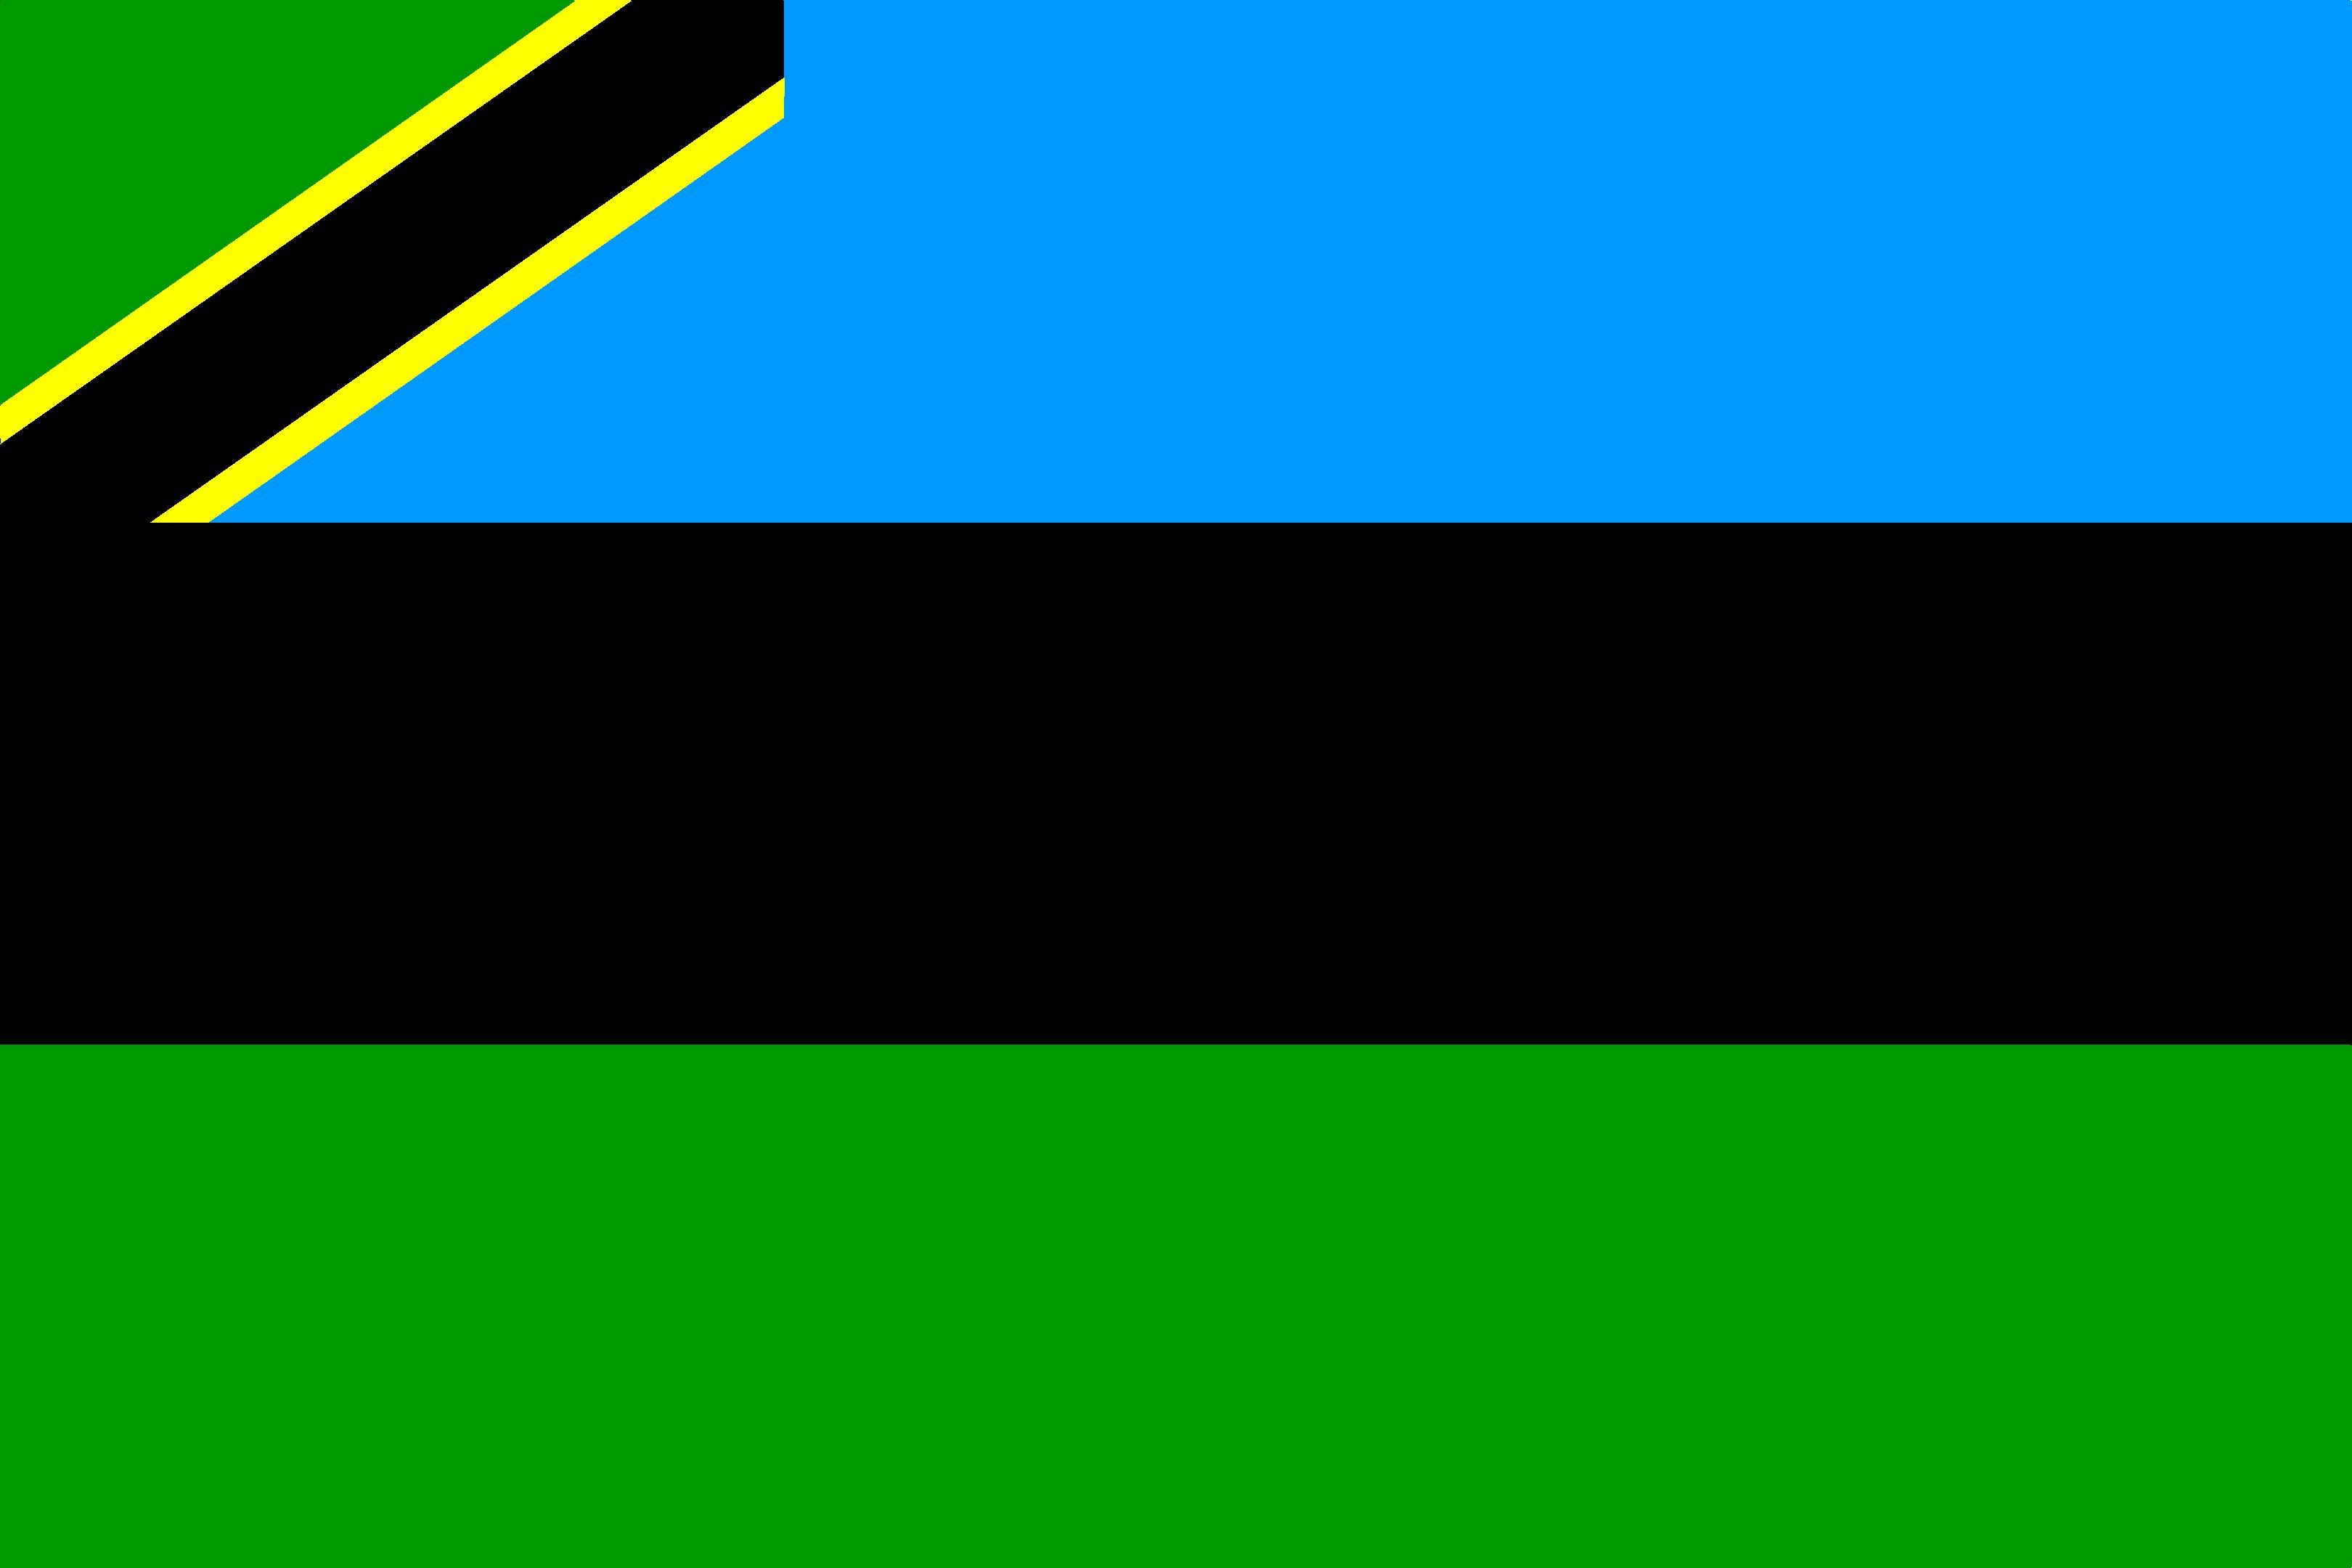 Bandera Zanzíbar (TZ)